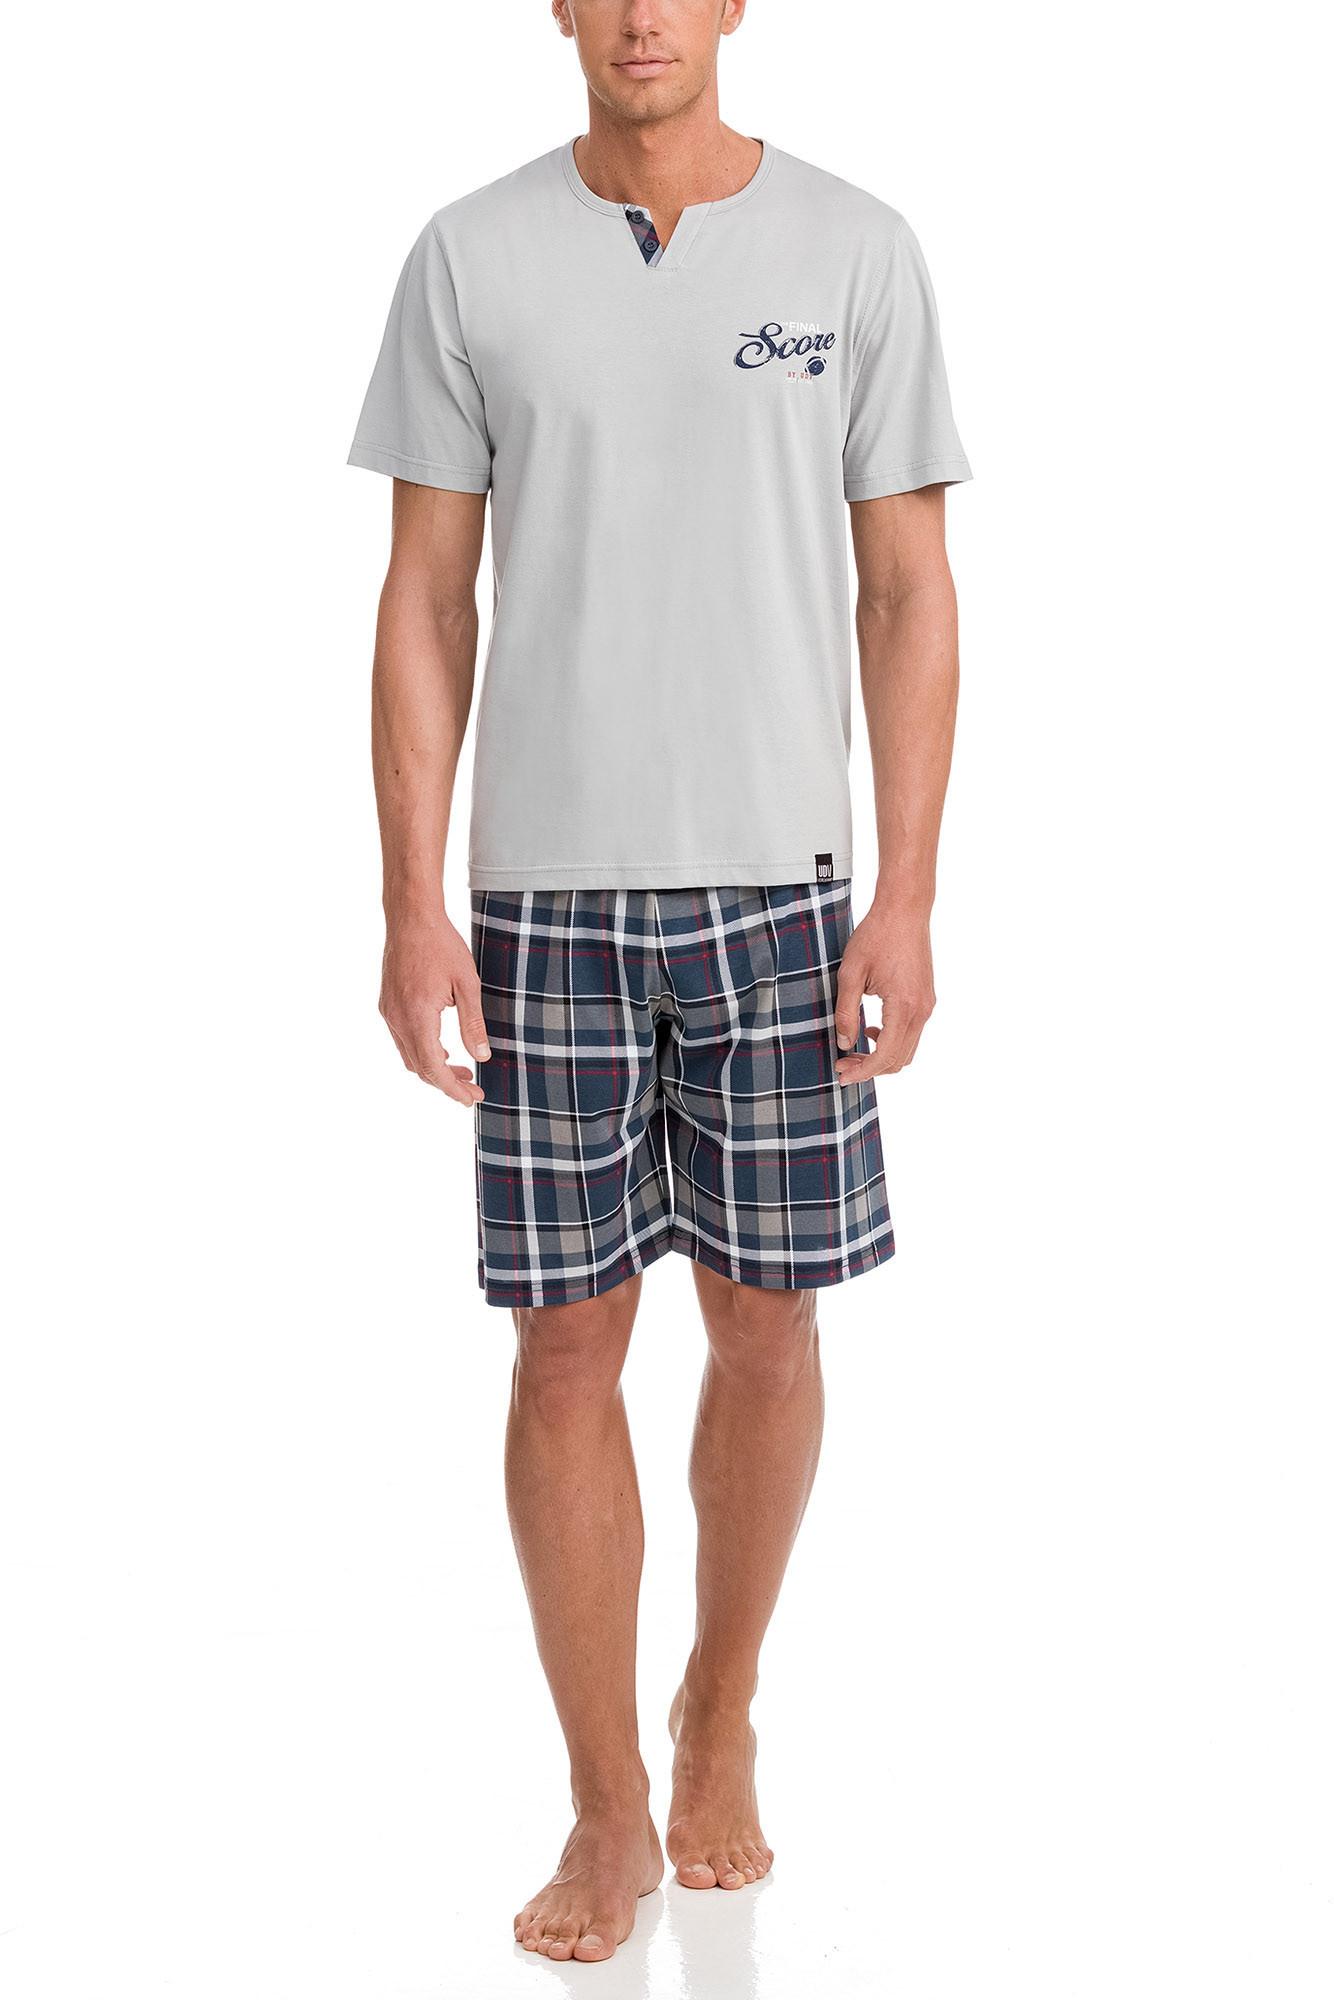 Vamp - Pánske pyžamo 12603 - Vamp light gray m